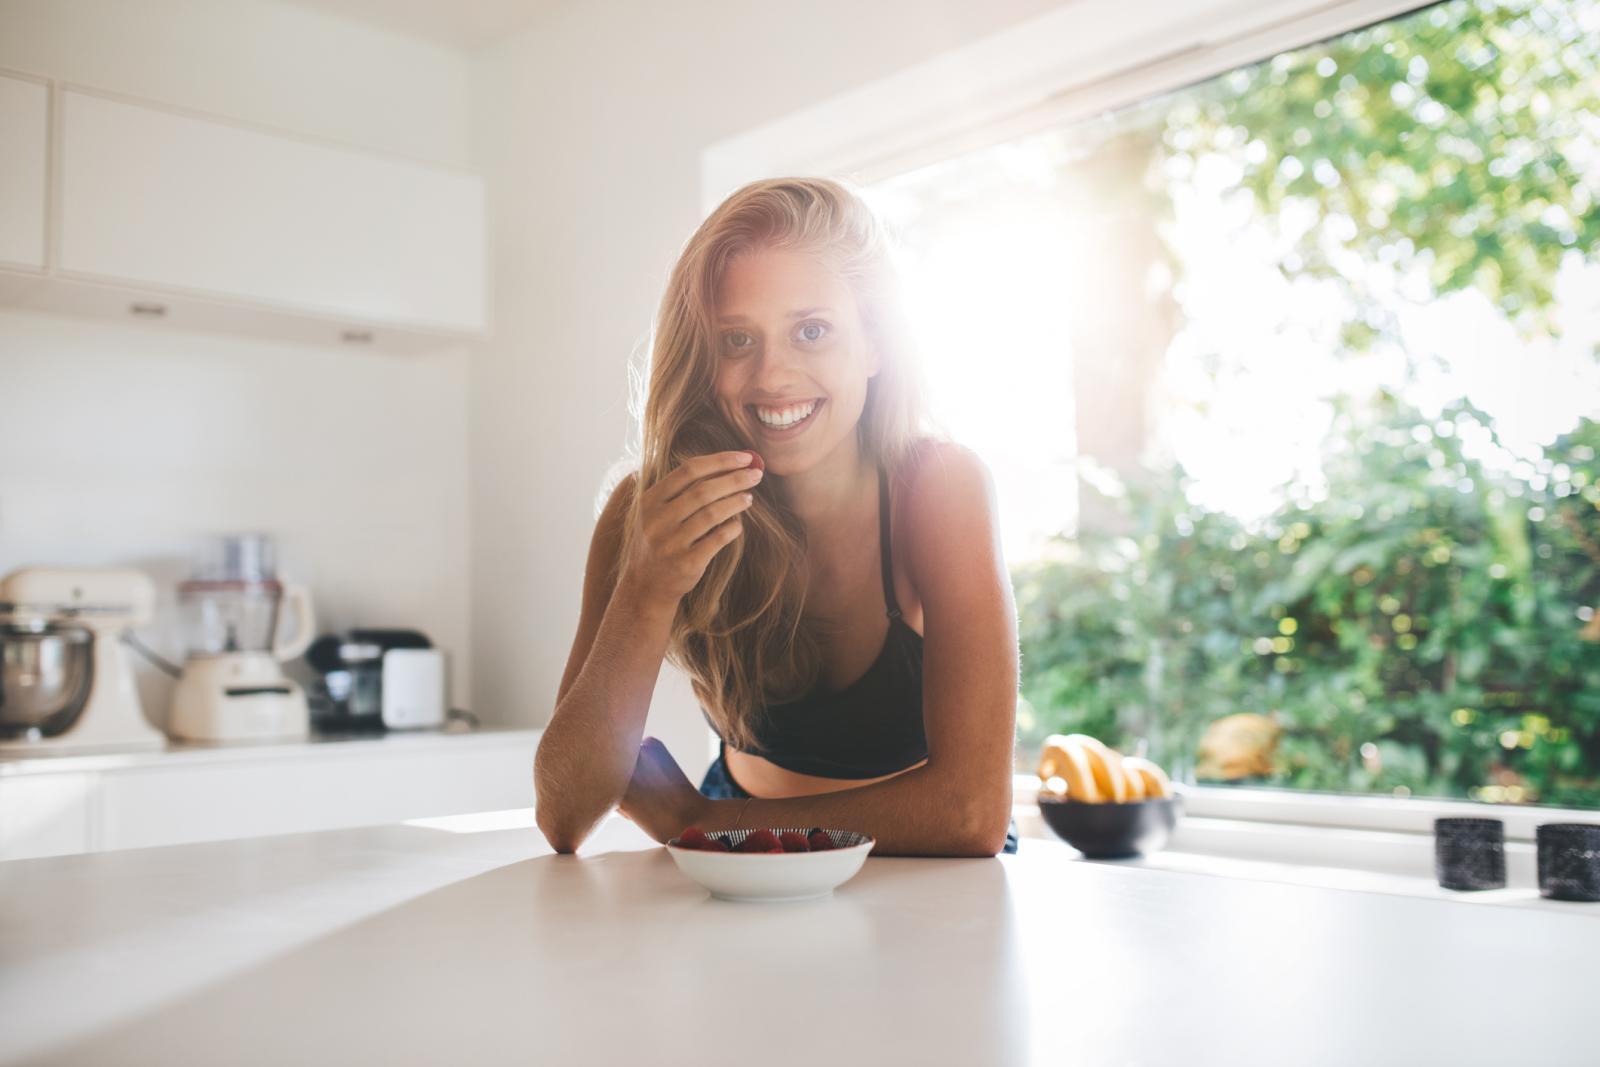 Vitaminom K bogato je i voće poput avokada, kivija, kupina, malina ili grejpa...